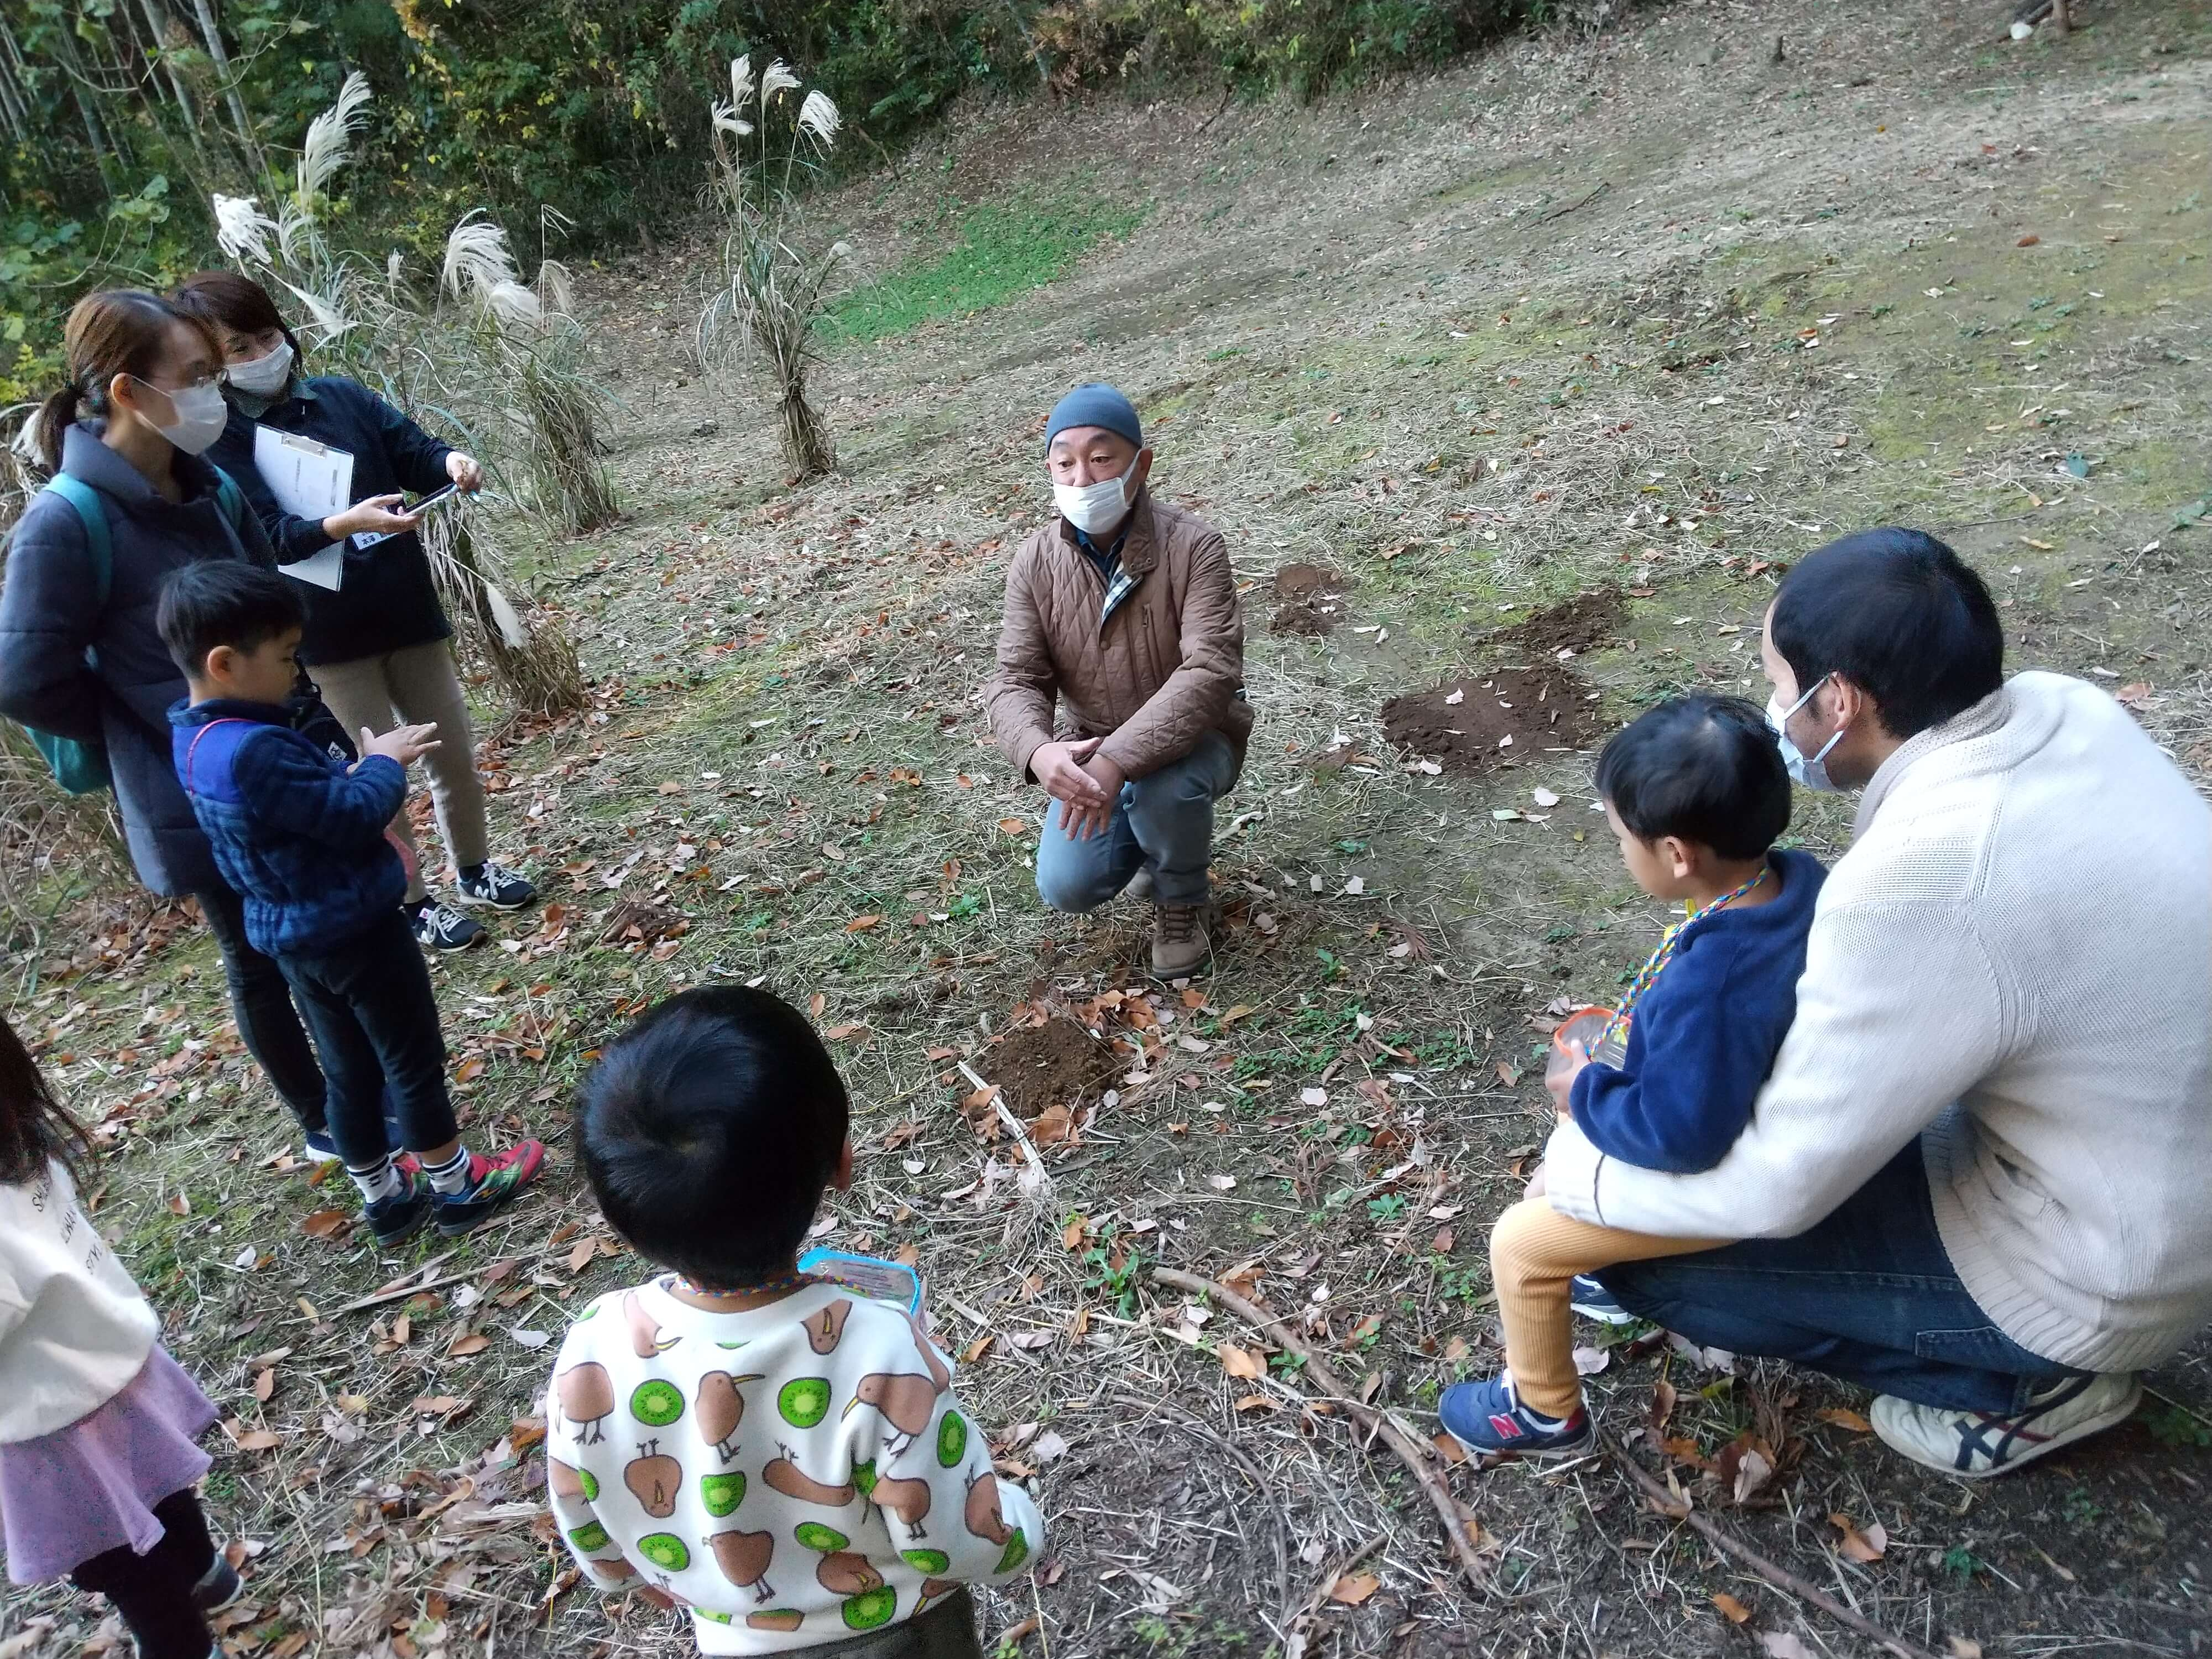 プロナチュラリスト佐々木さんが稲城の自然を解説